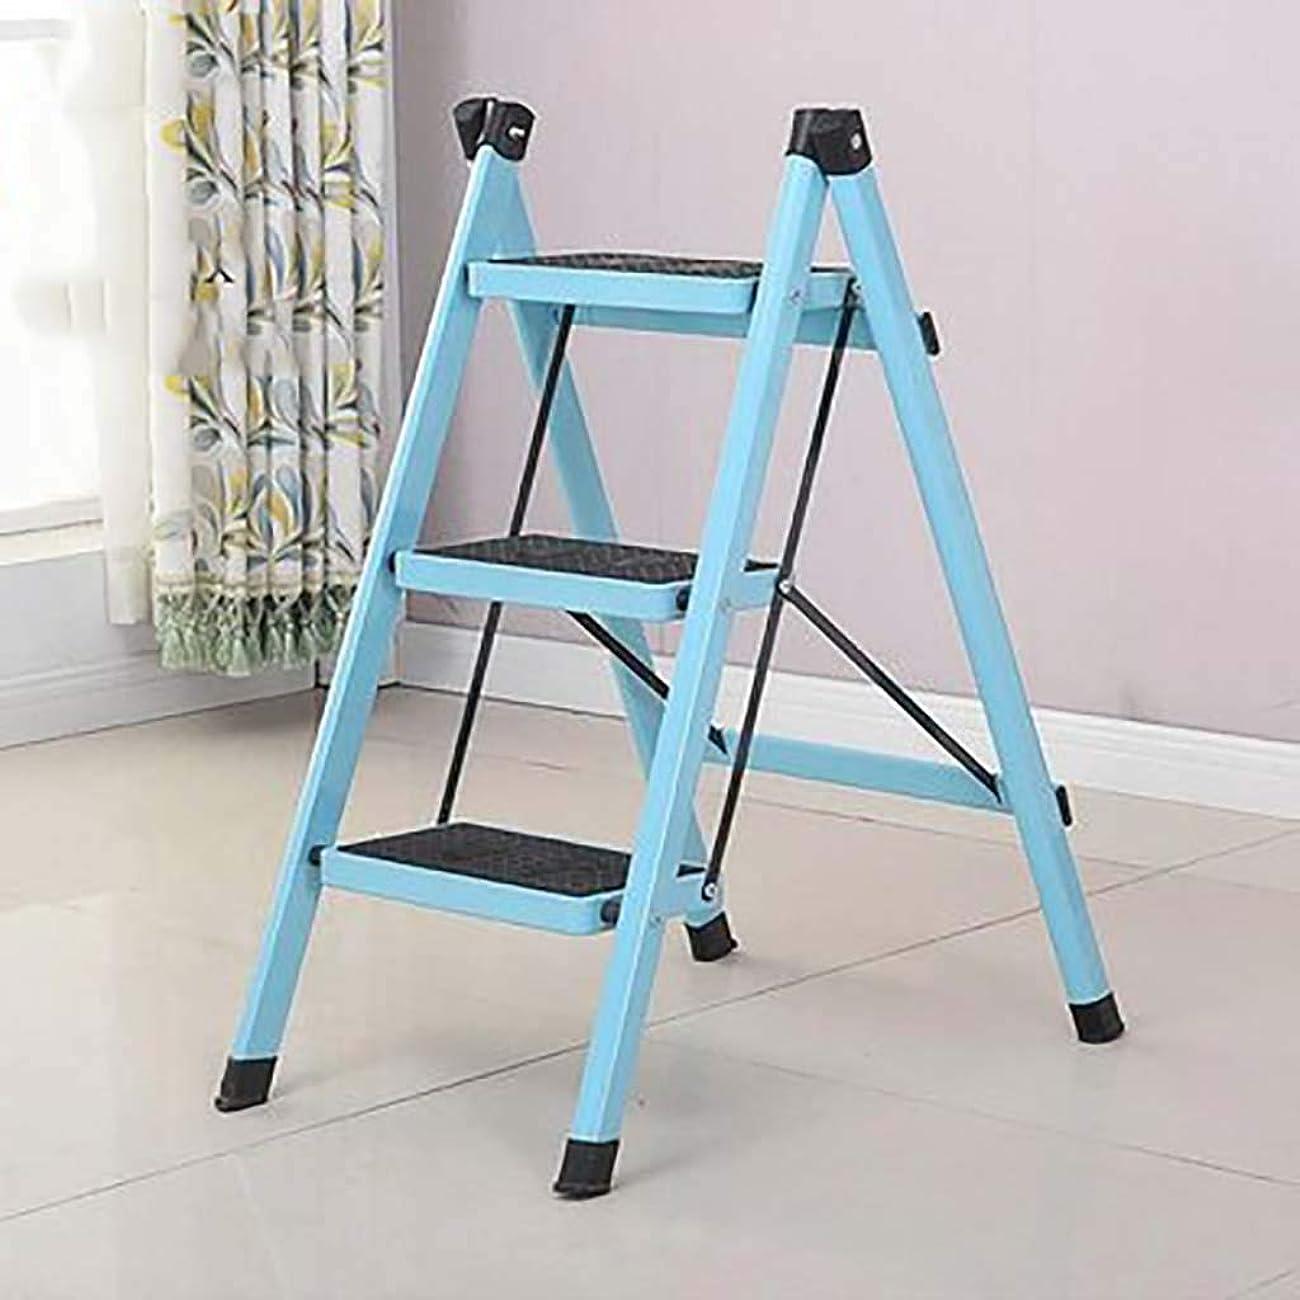 管理者コインメロディー3ステップ はしご,式 はしご アンチ スリップ 梯子 鉄 はしご 便 多機能 ホーム-水色 69x48x68cm(27x19x27inch)